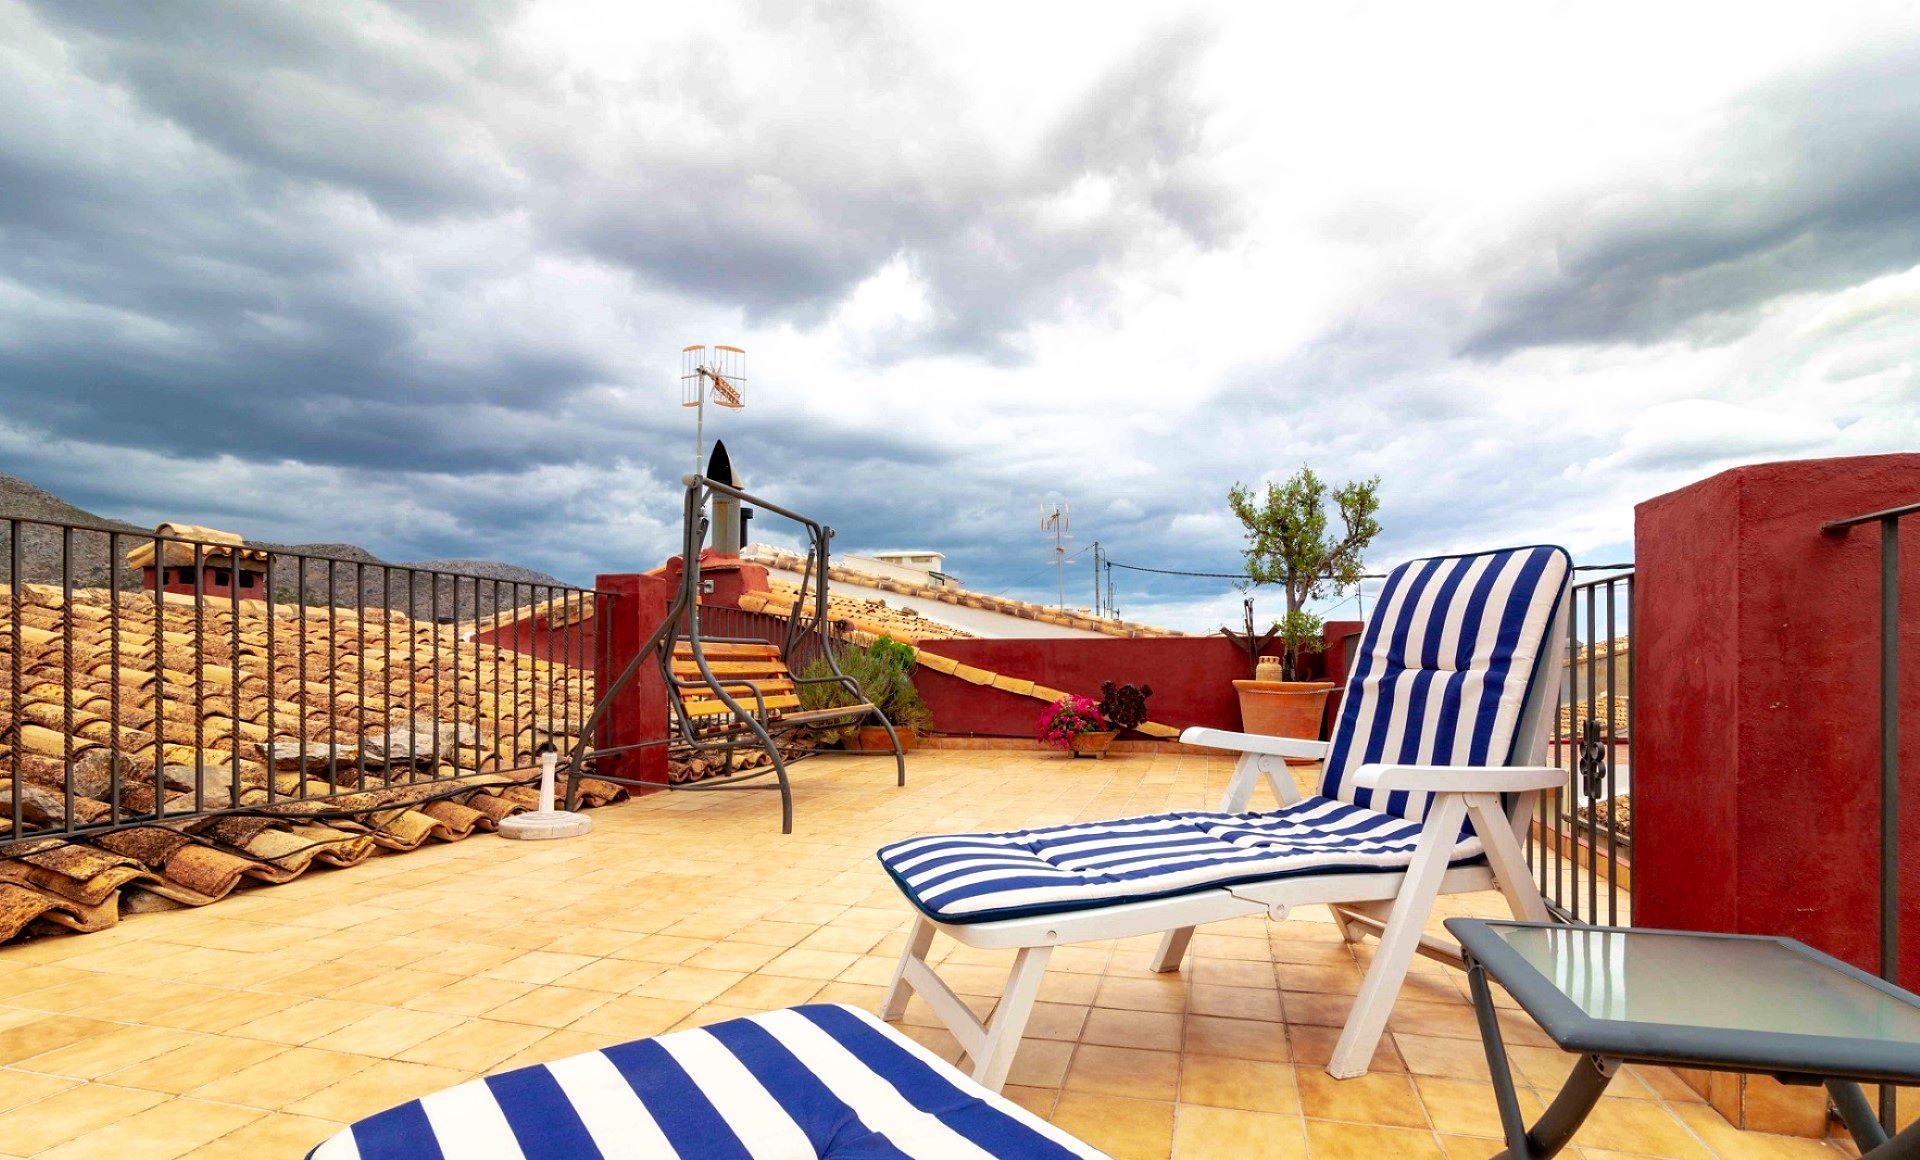 terraza solarium2entorno laguar - Copia (2)